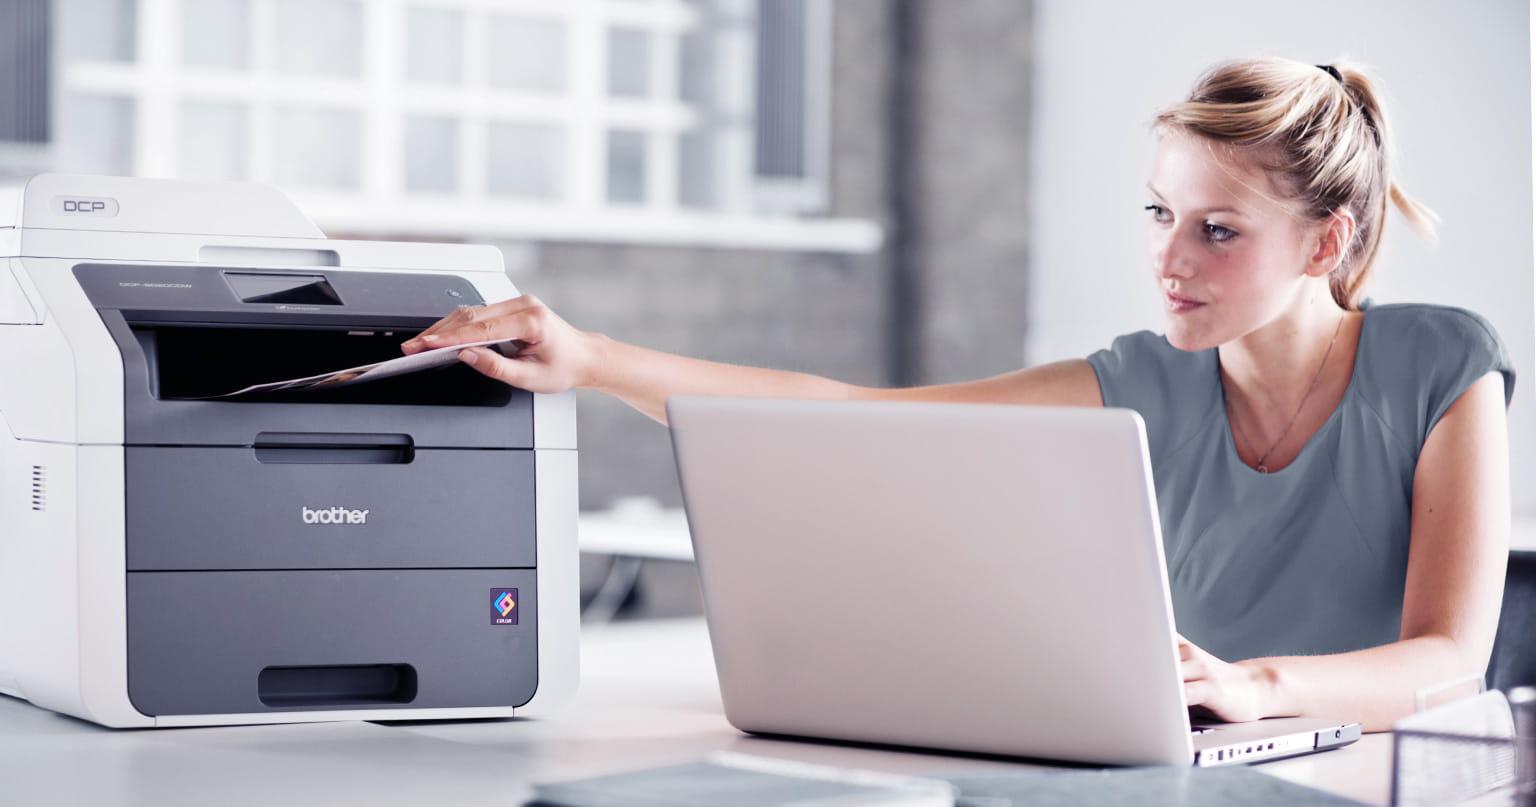 Frau druckt von ihrem Laptop Dokumente aus